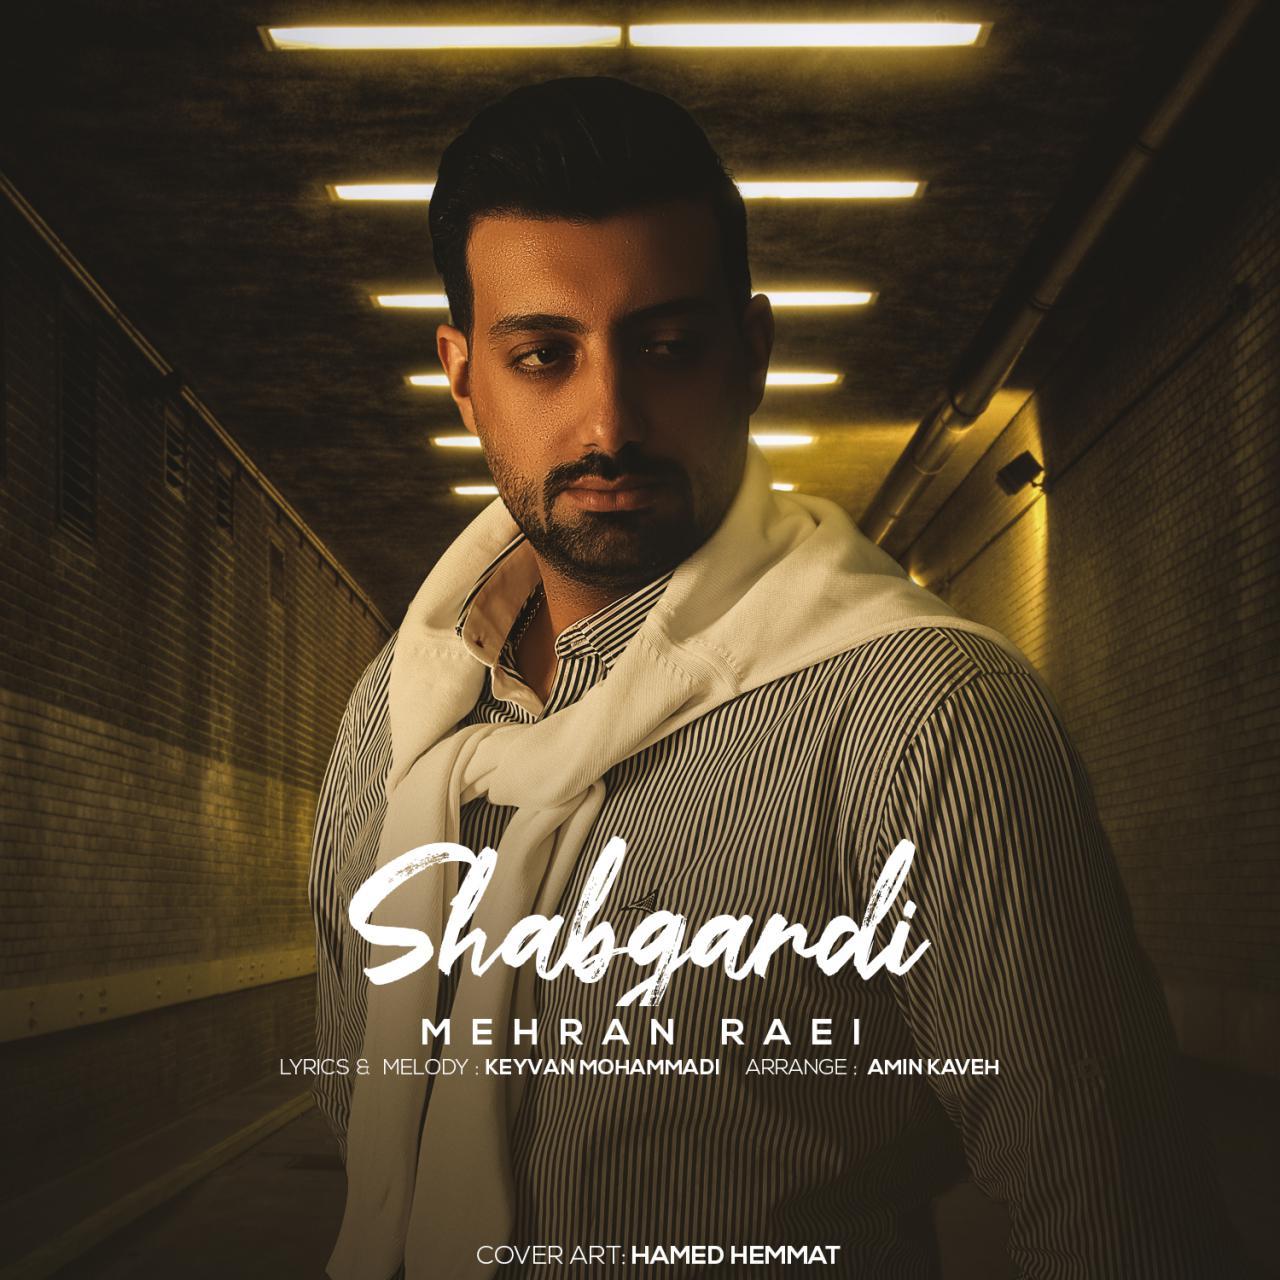 Mehran Raei – Shabgardi